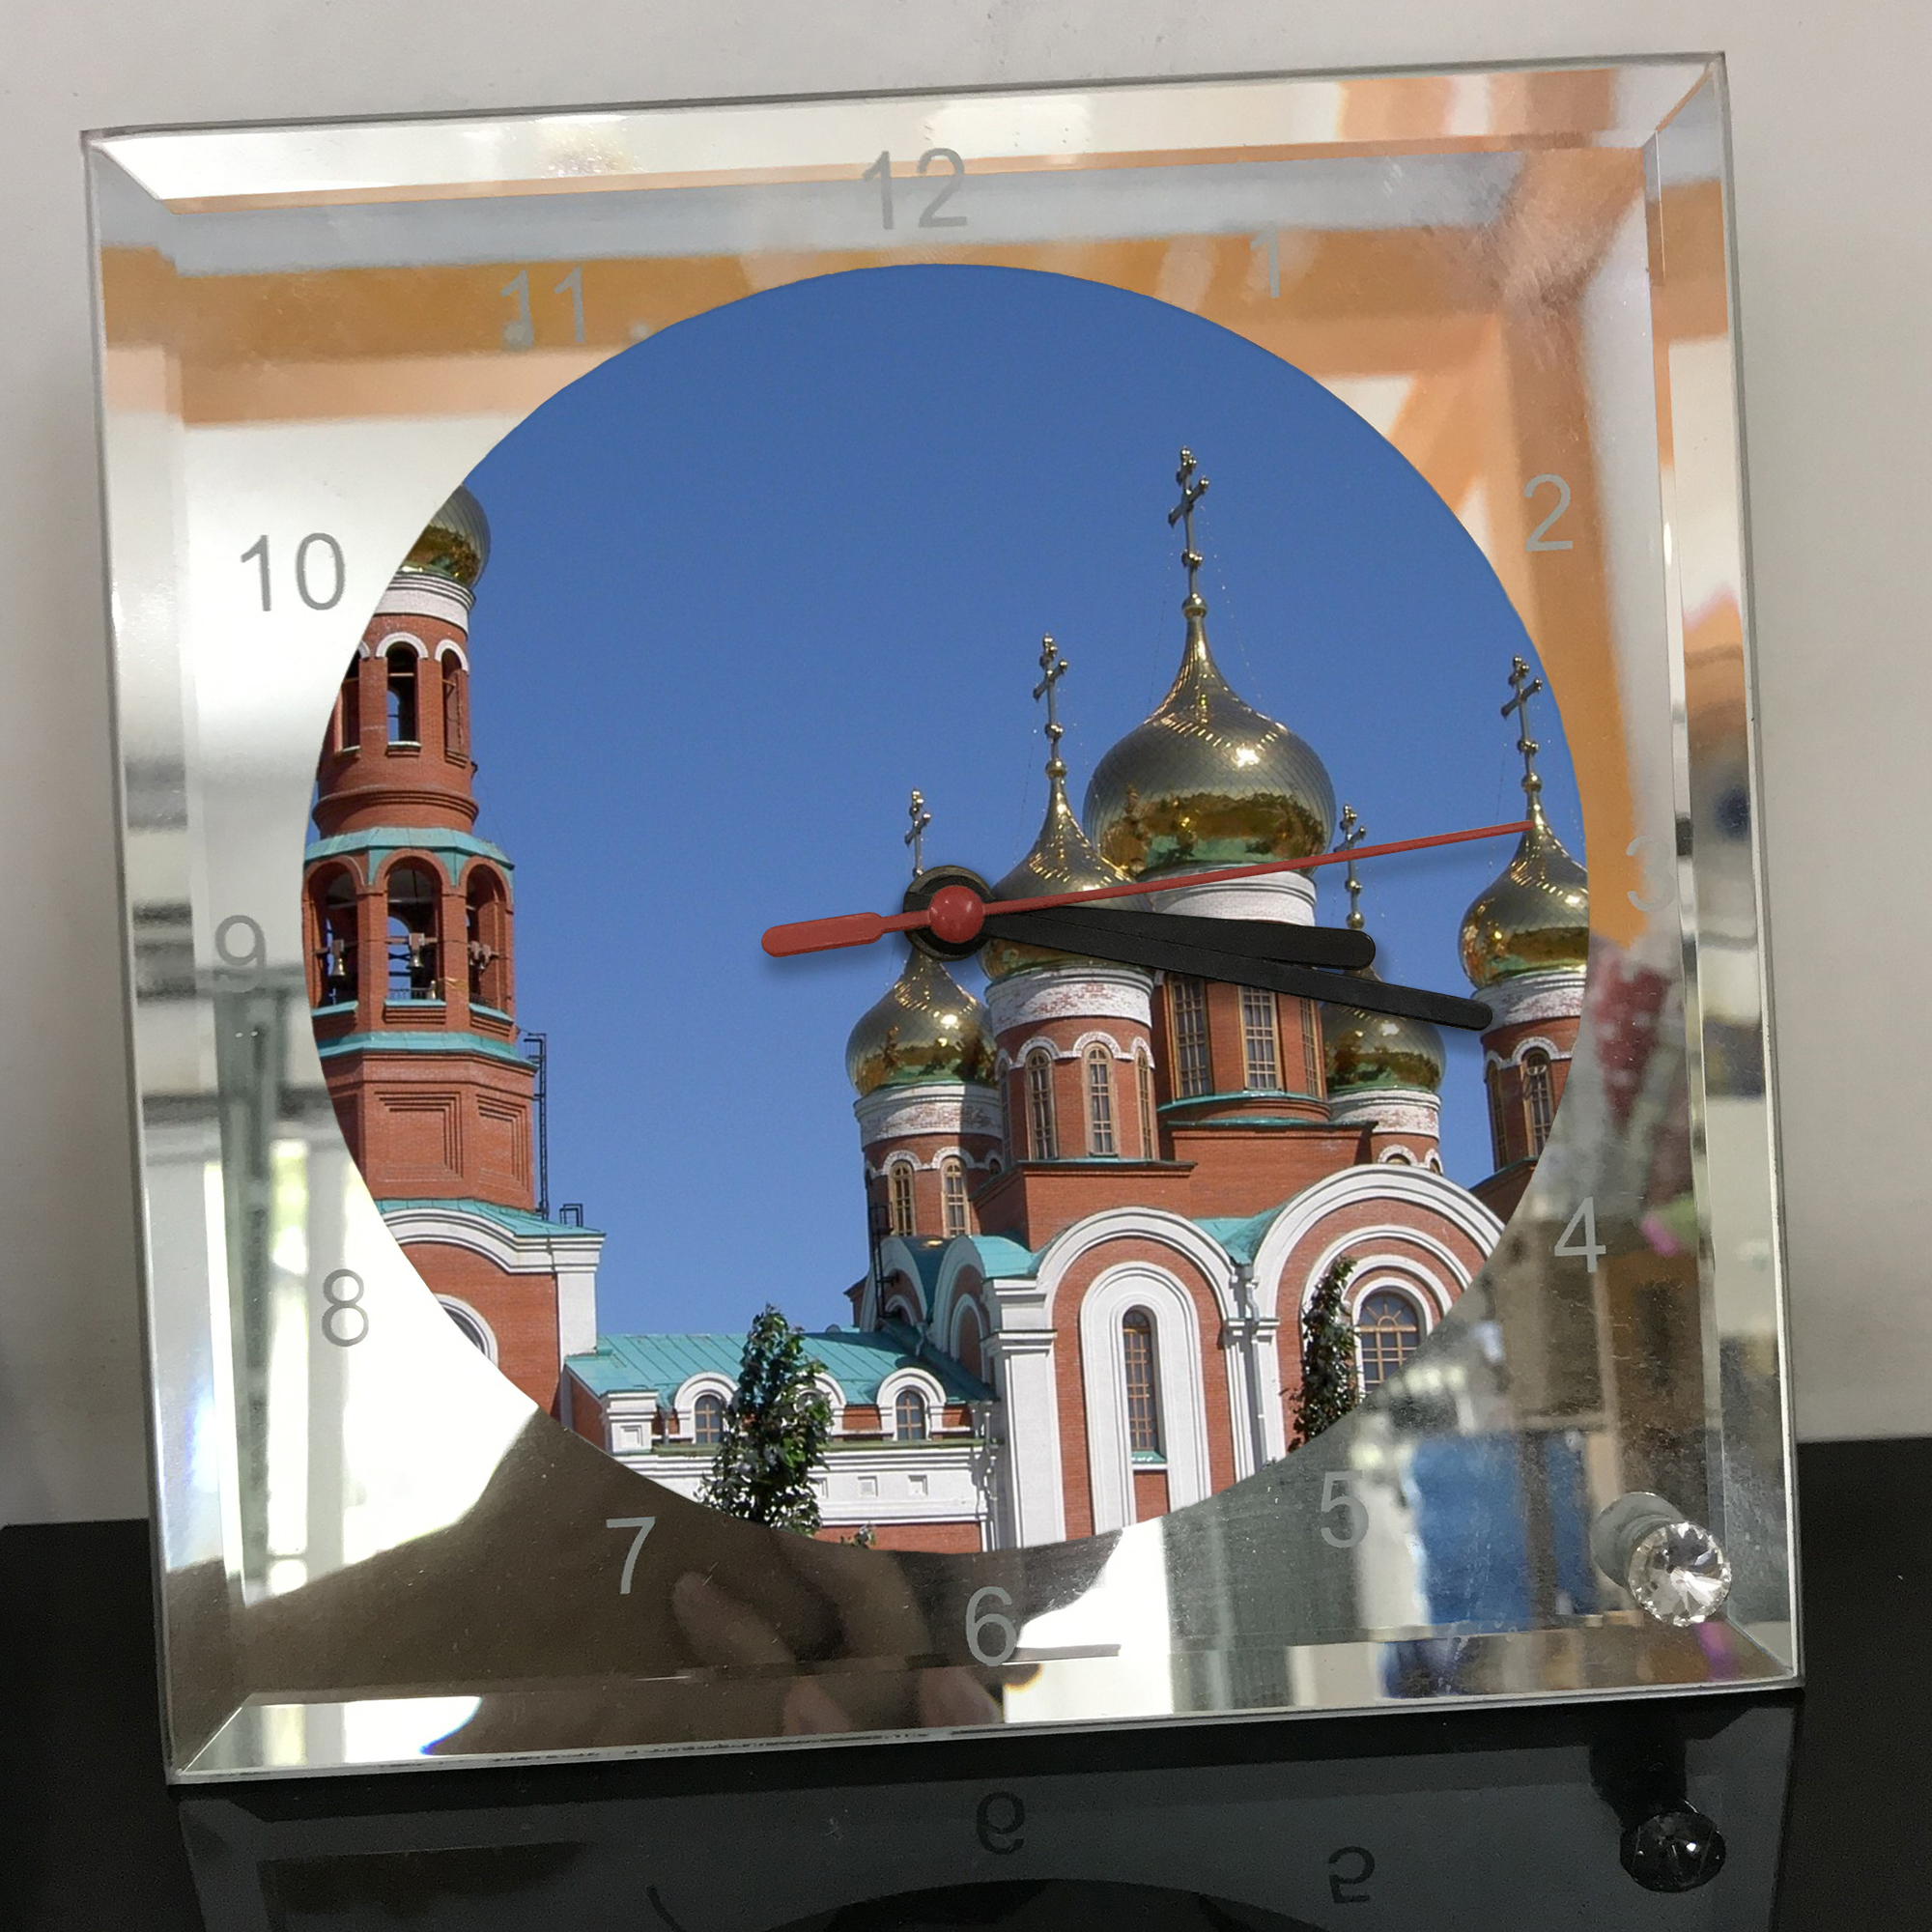 Đồng hồ thủy tinh vuông 20x20 in hình Church - nhà thờ (154) . Đồng hồ thủy tinh để bàn trang trí đẹp chủ đề tôn giáo